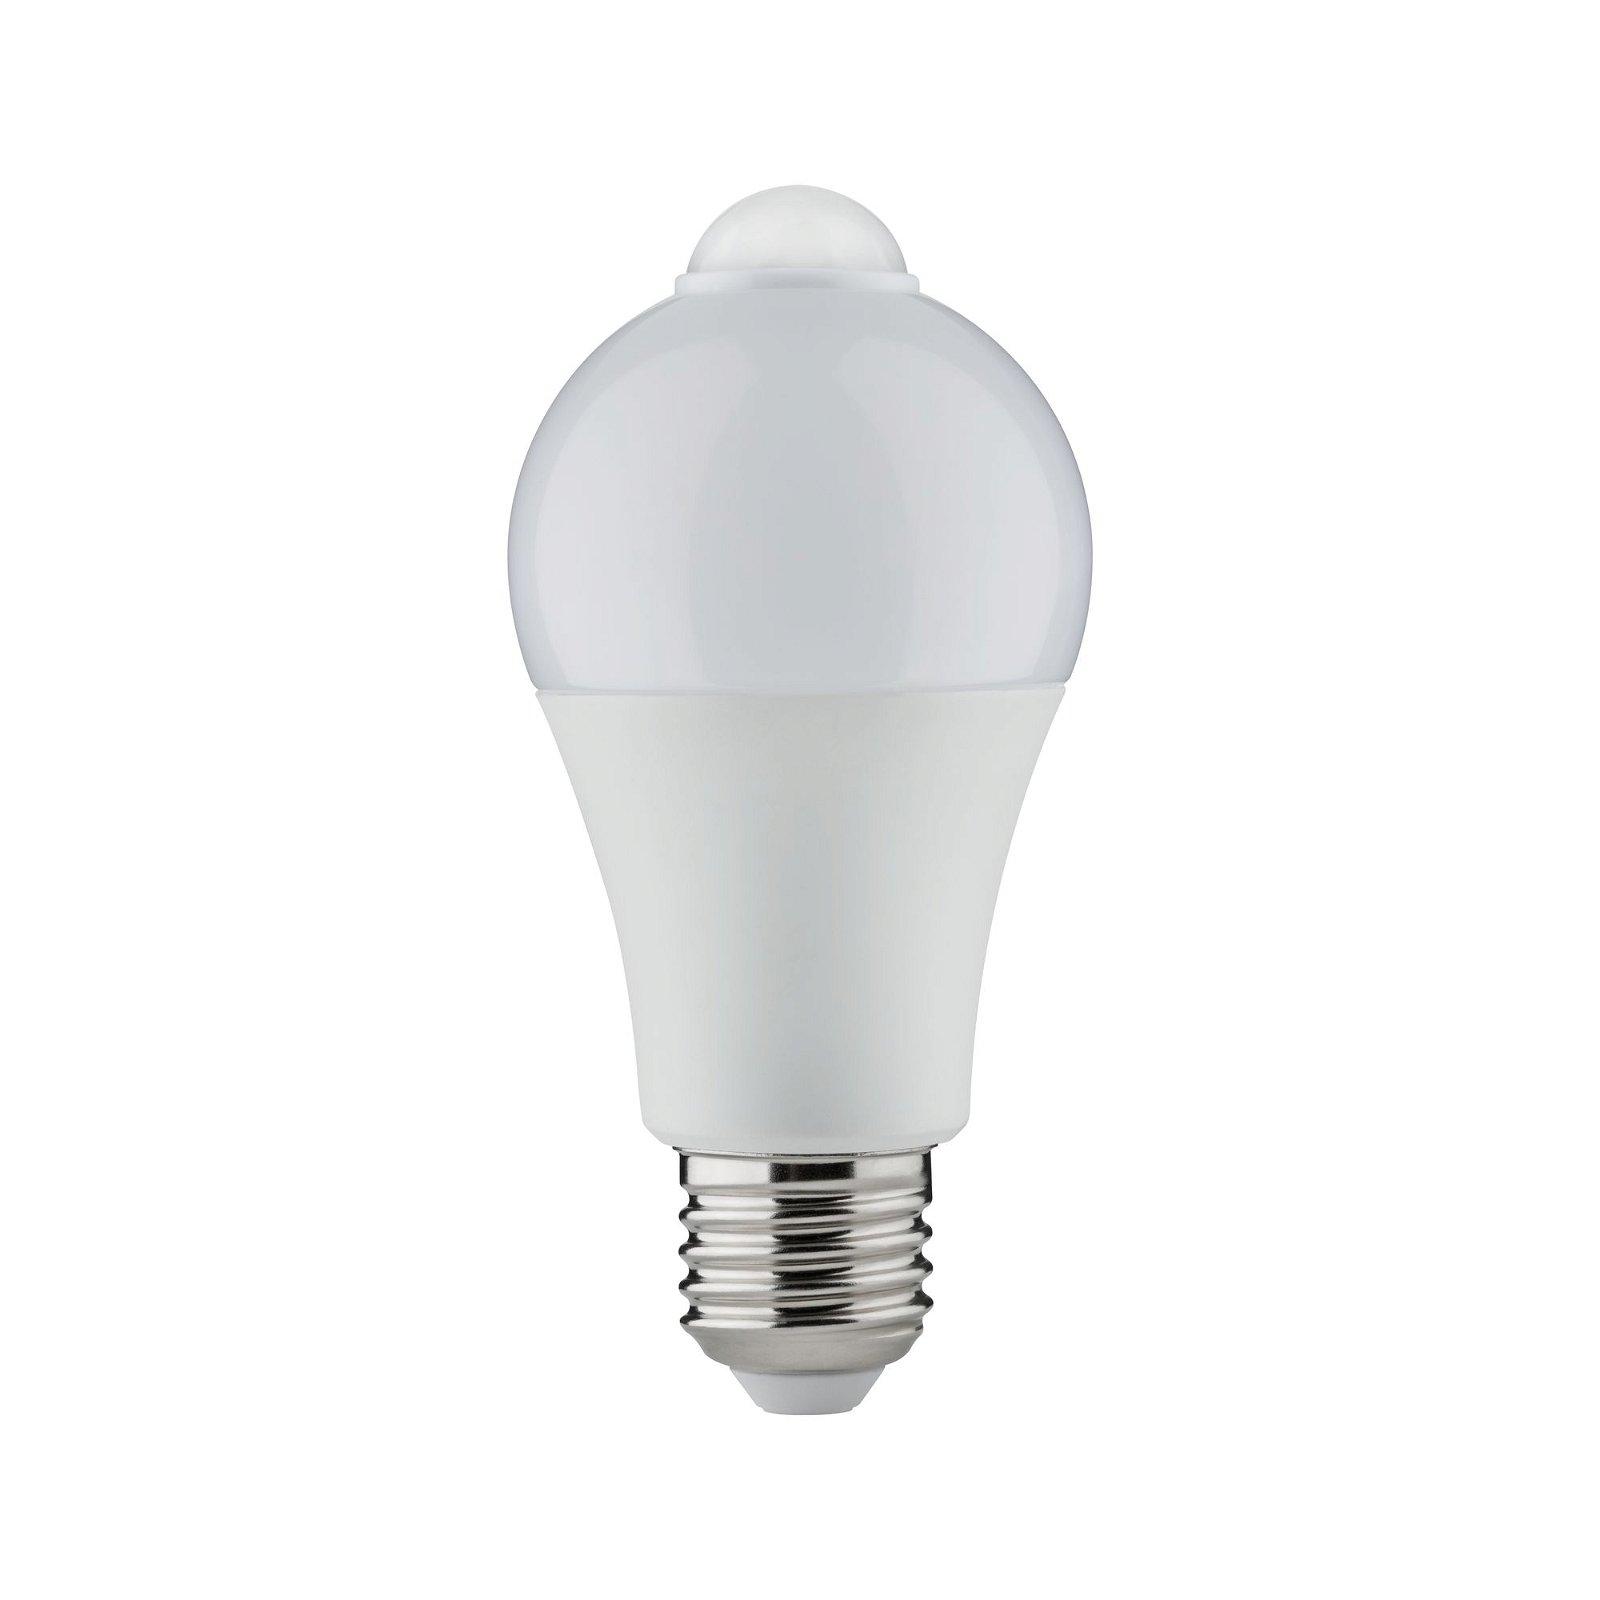 LED Standard avec détecteur de proximité 6,5W E27 Blanc chaud